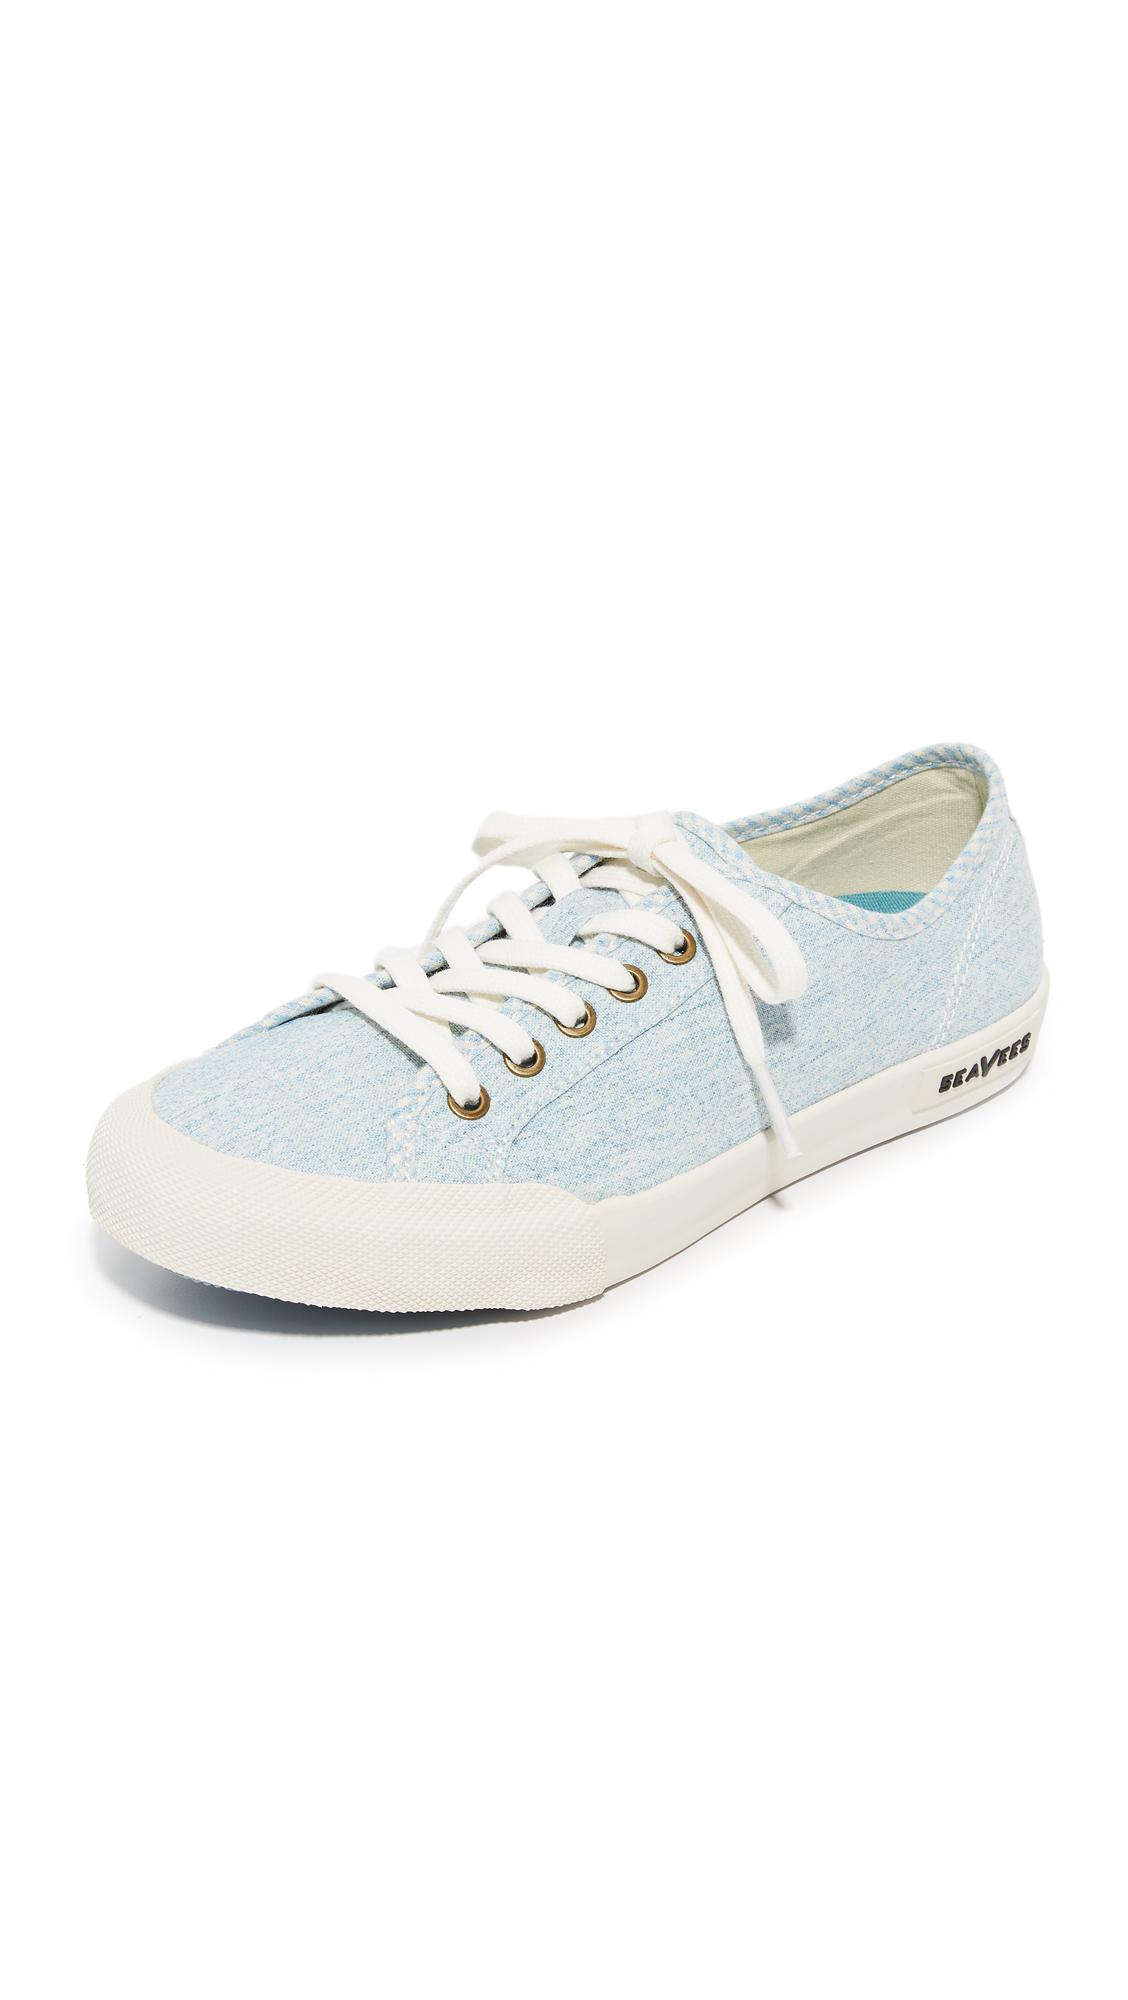 seavees female seavees monterey beach club sneakers soft blue